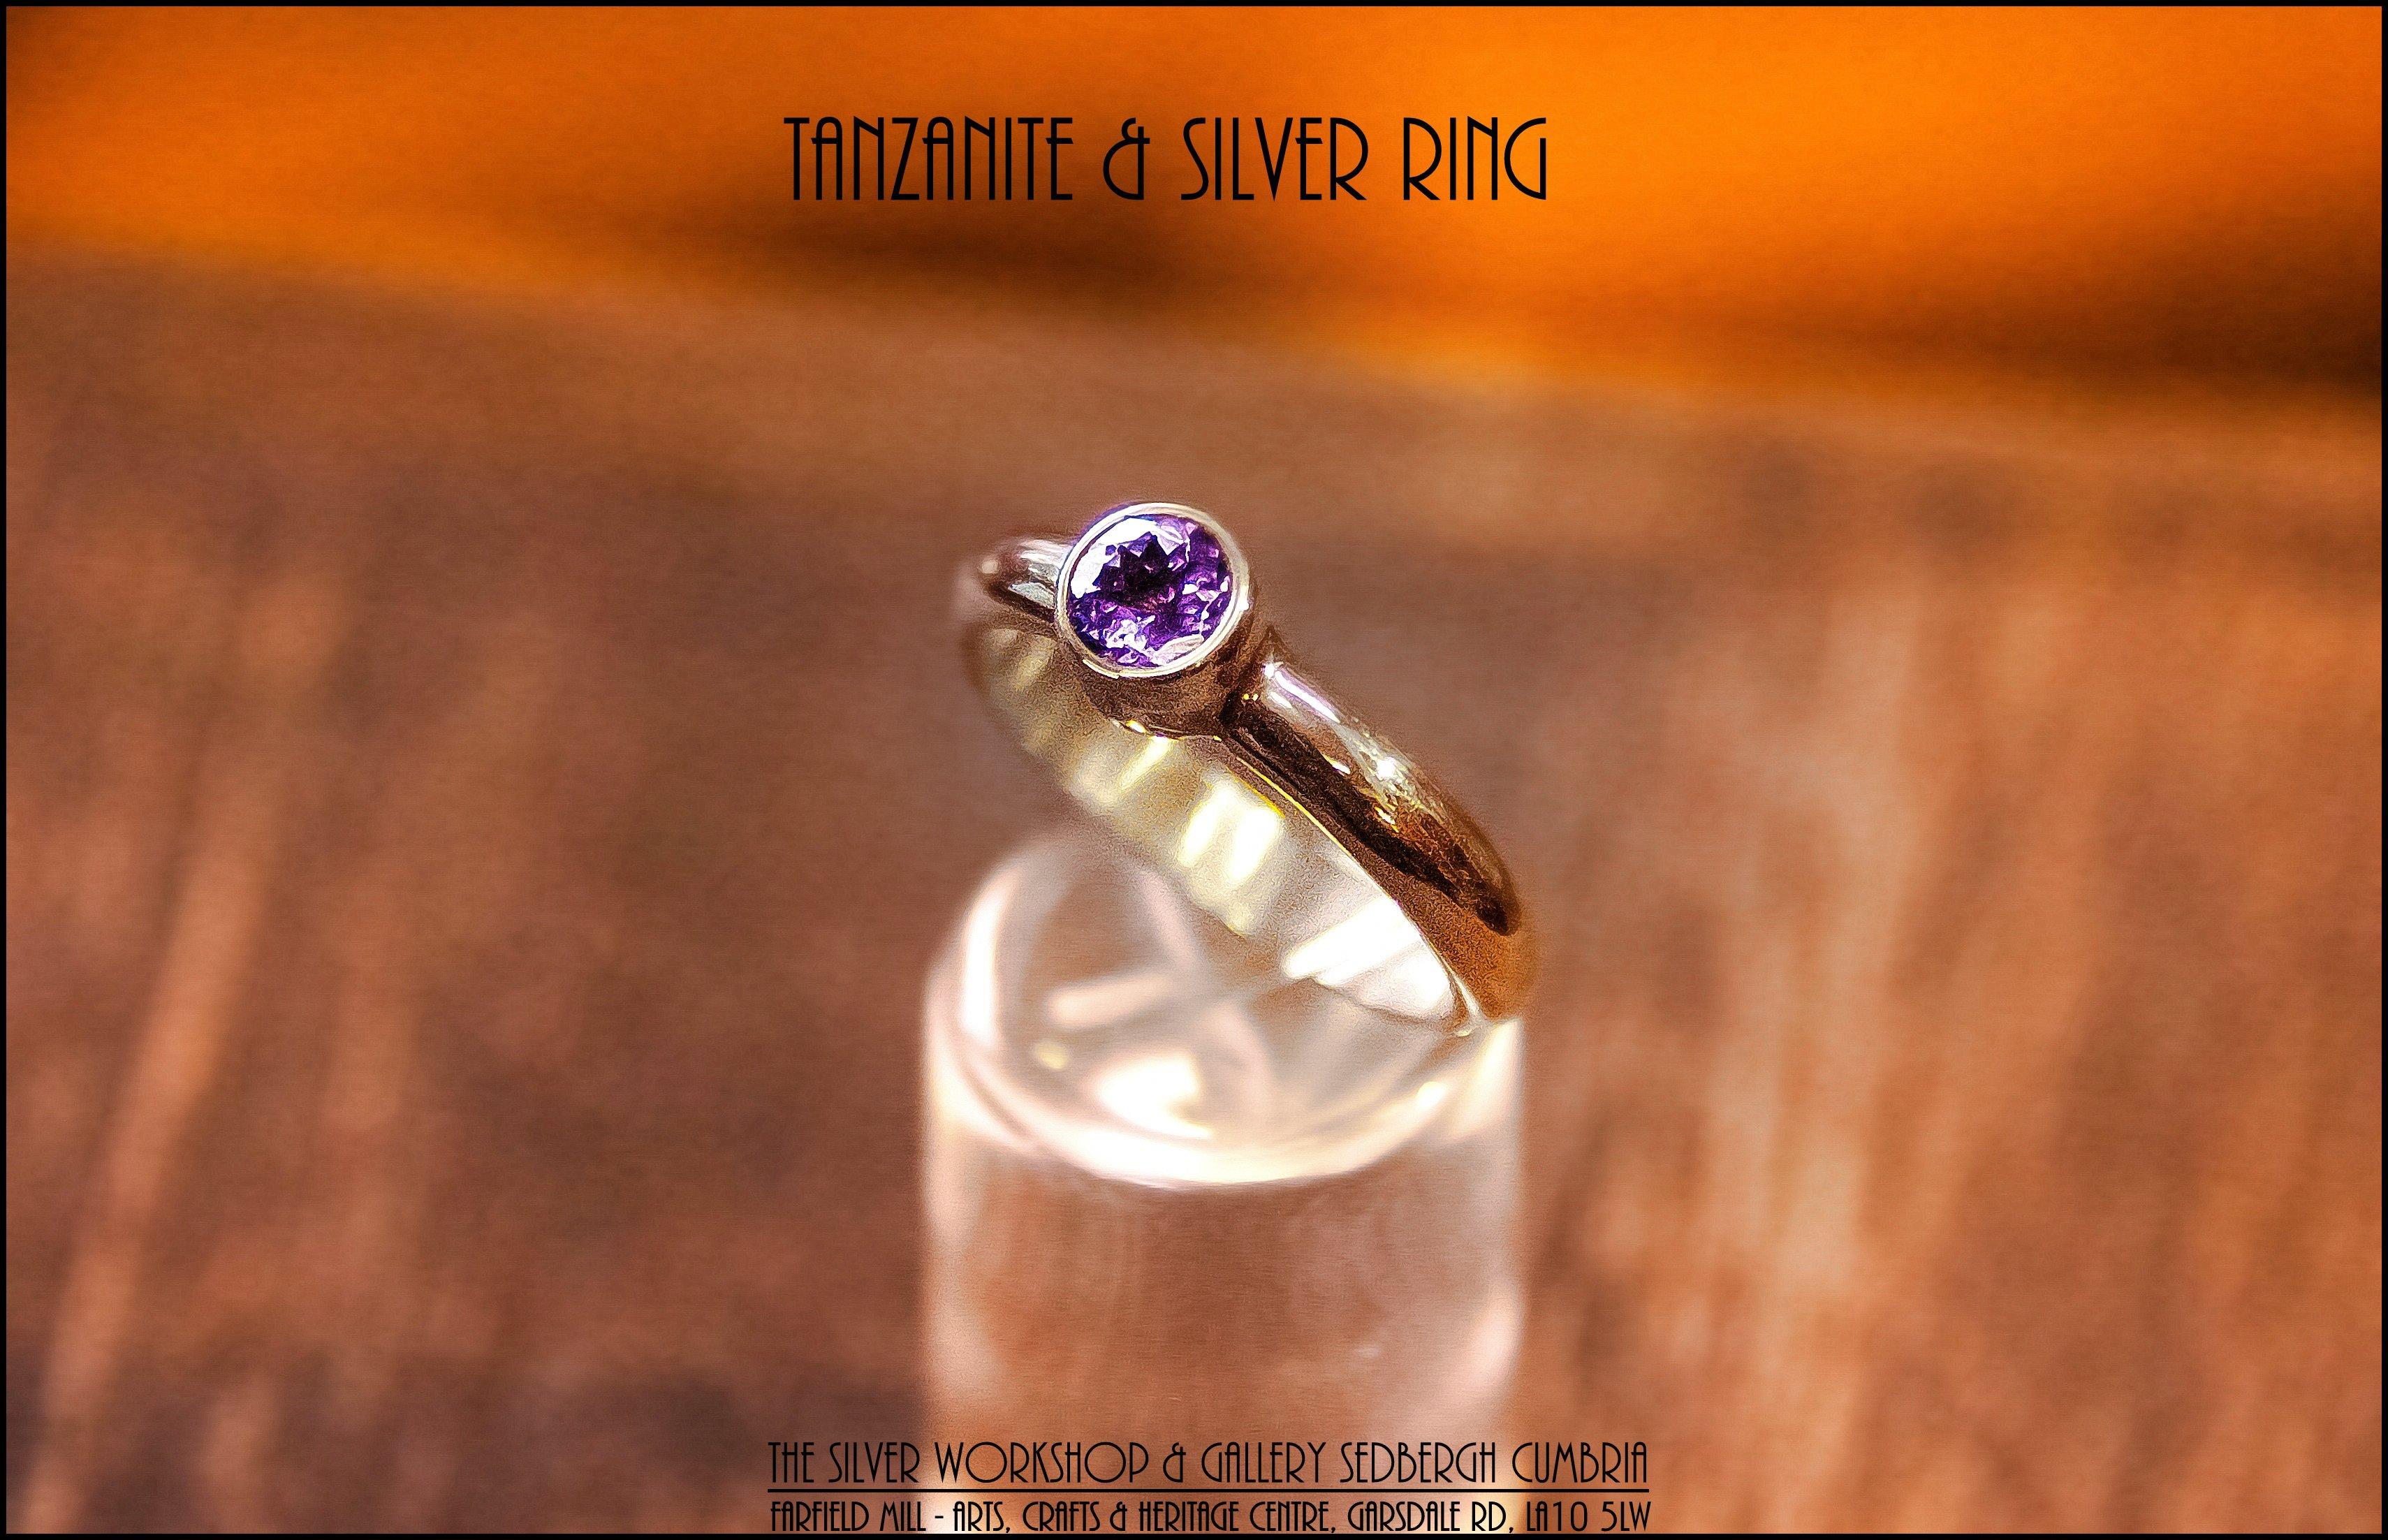 Susan Triffitt's Tanzanite ring